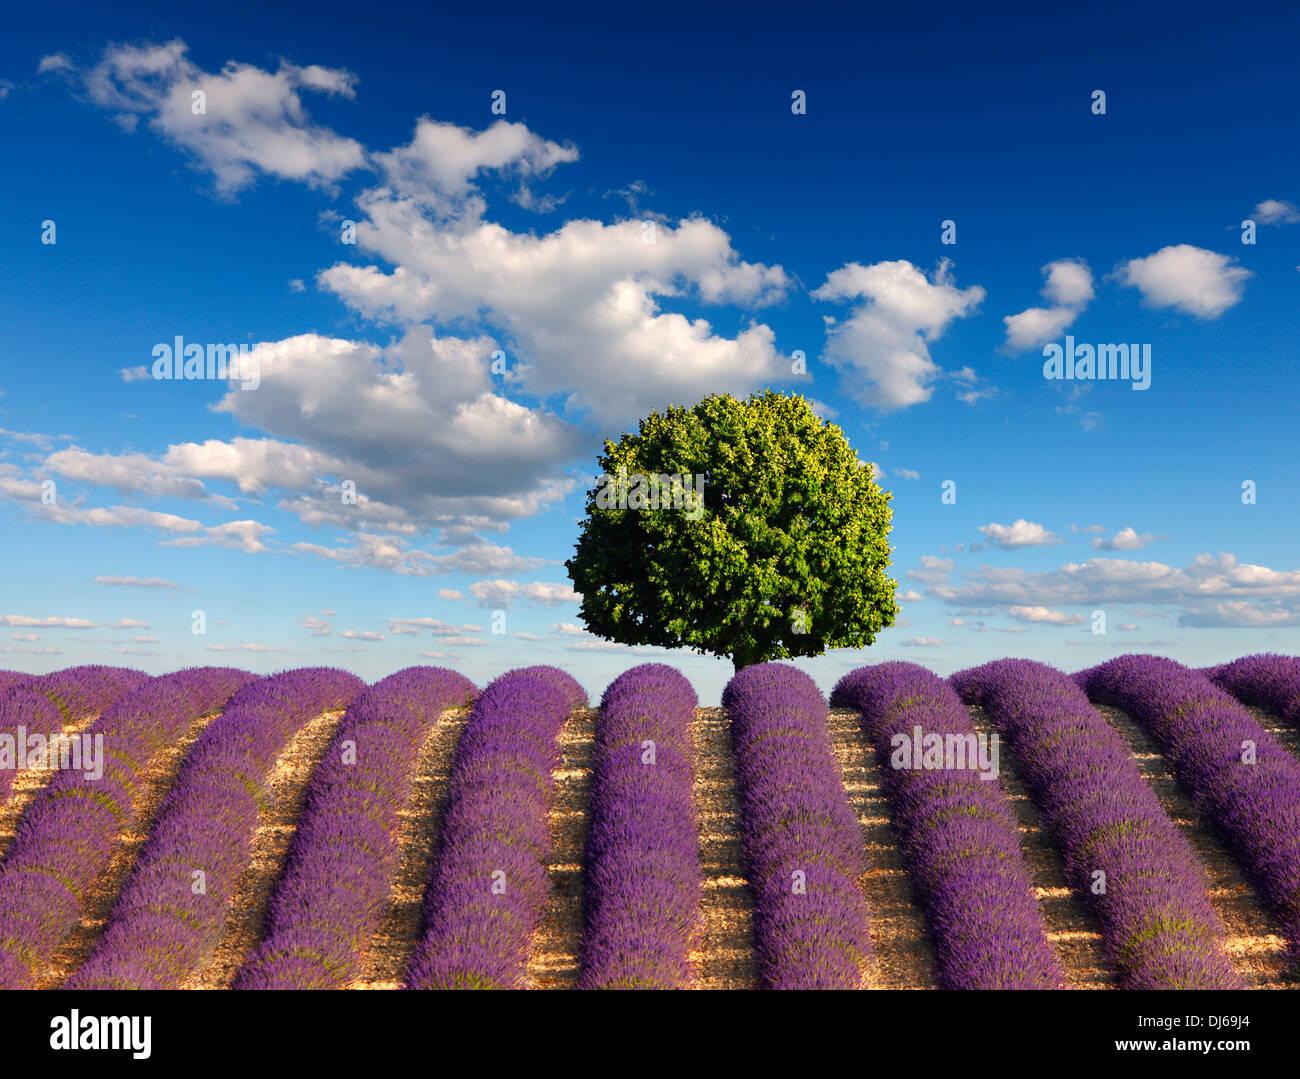 Arbre dans un champ de lavande avec des nuages sur le ciel bleu. Banque D'Images